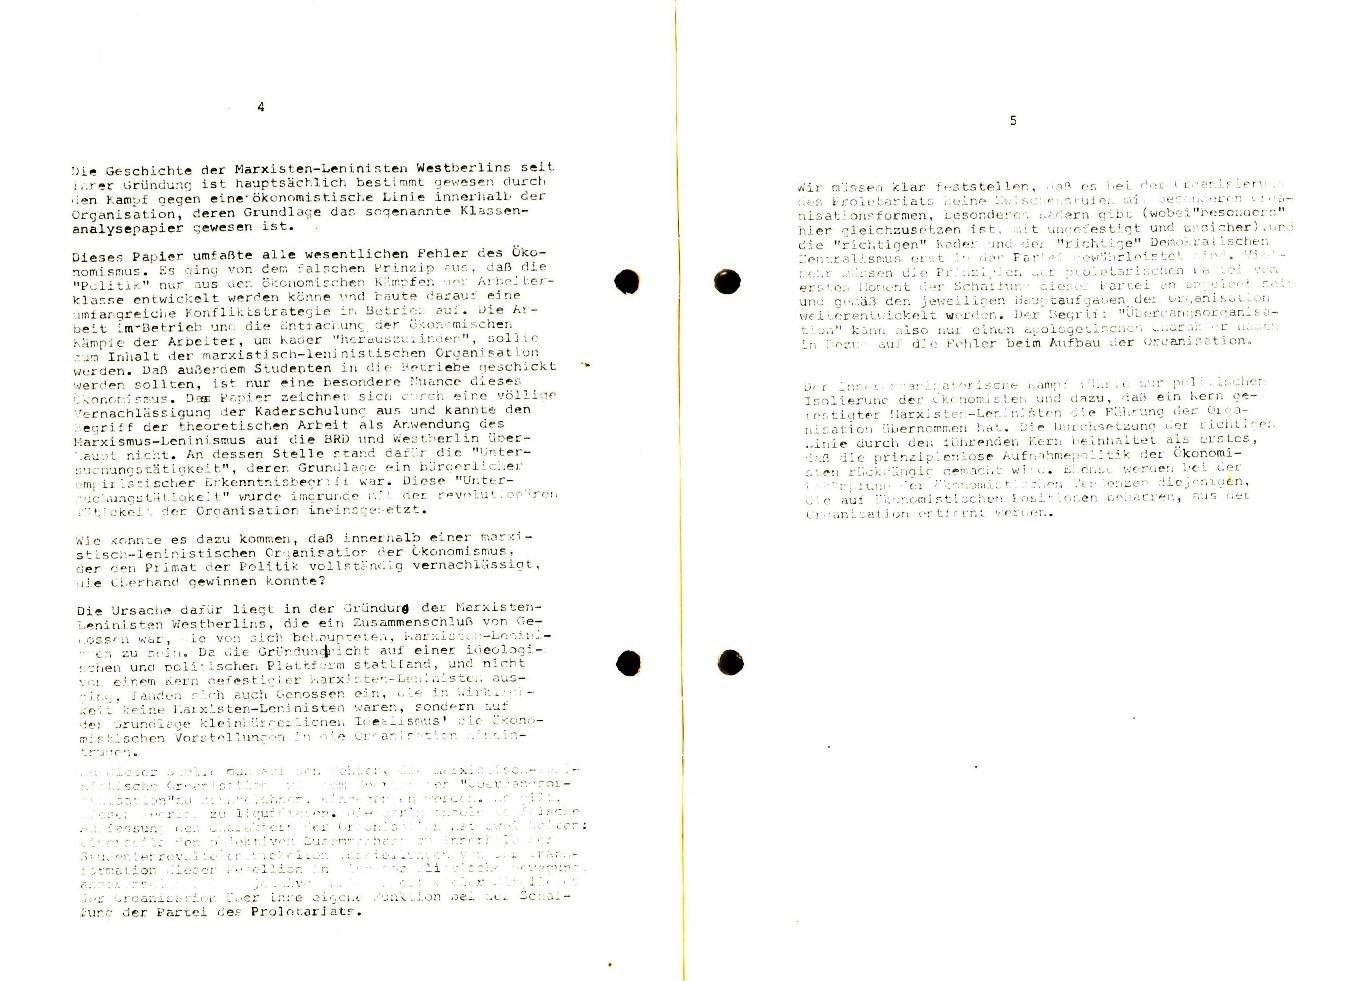 Berlin_KBML_Kommunist_1970_01_05